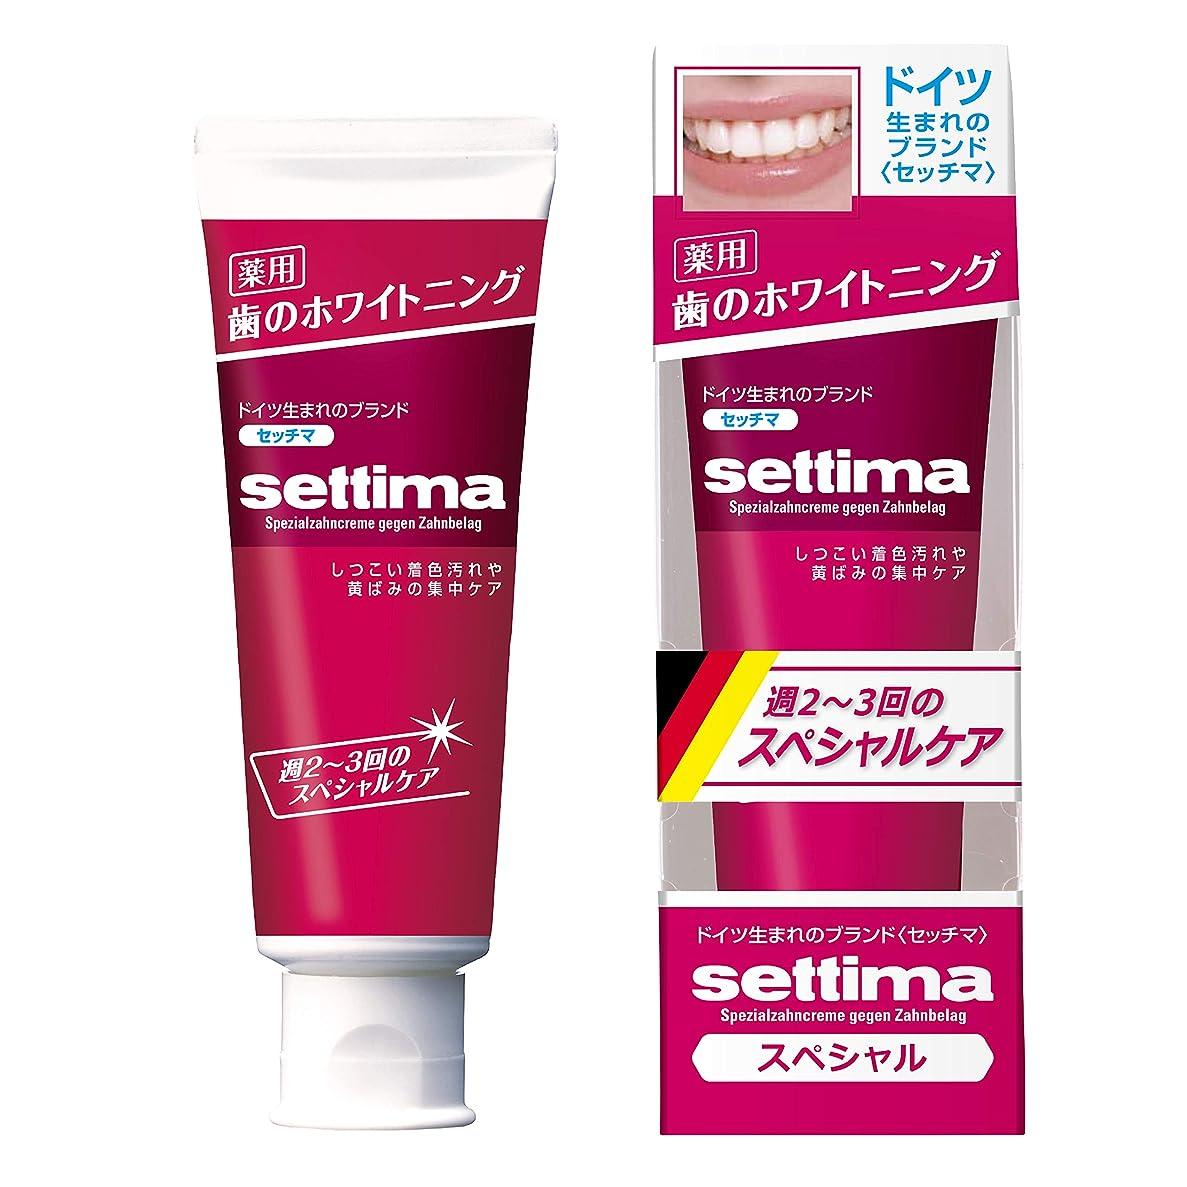 大宇宙非互換部settima(セッチマ) ホワイトニング 歯みがき スペシャルケア [ペパーミントタイプ] 80g